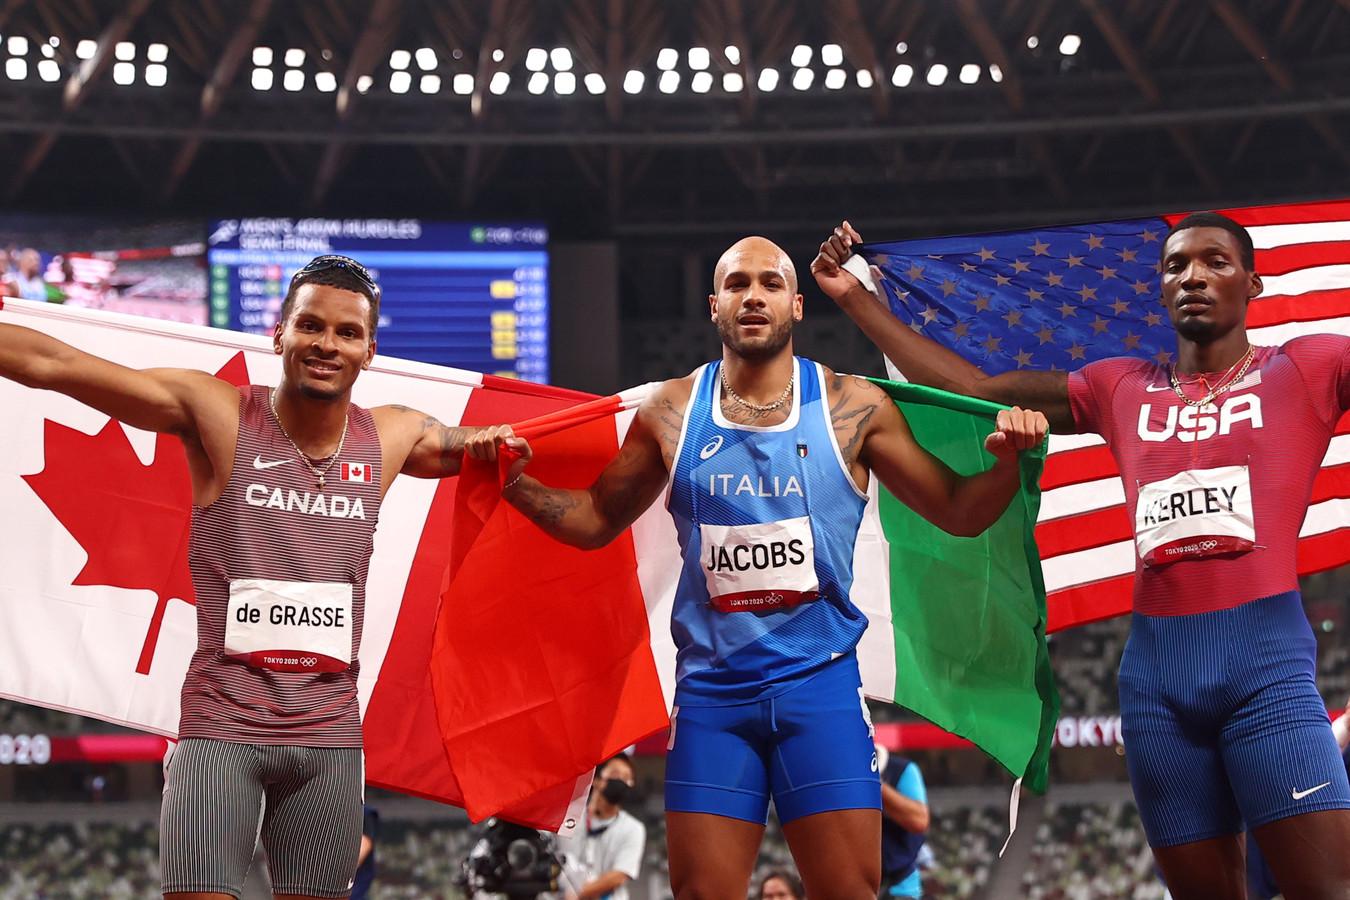 Lamont Marcell Jacobs viert zijn goud op de 100 meter. Fred Kerley (rechts) pakte zilver, Andre de Grasse (links) brons.